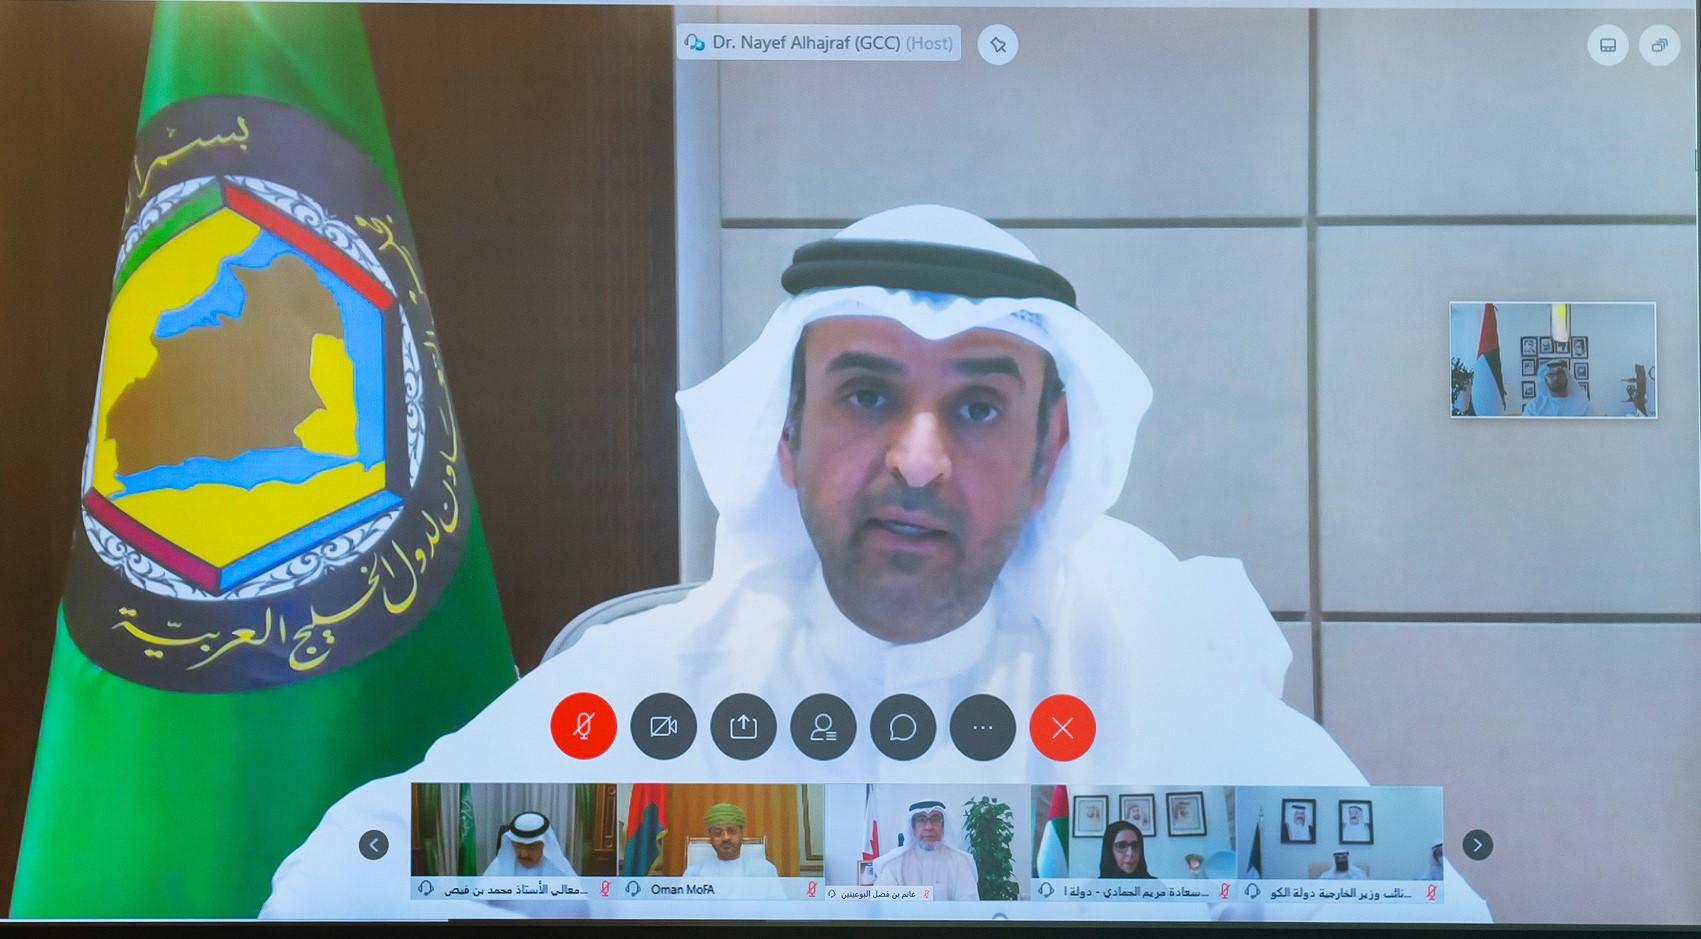 الإمارات تترأس الاجتماع الـ 20 للجنة متابعة تنفيذ قرارات مجلس التعاون الخليجي